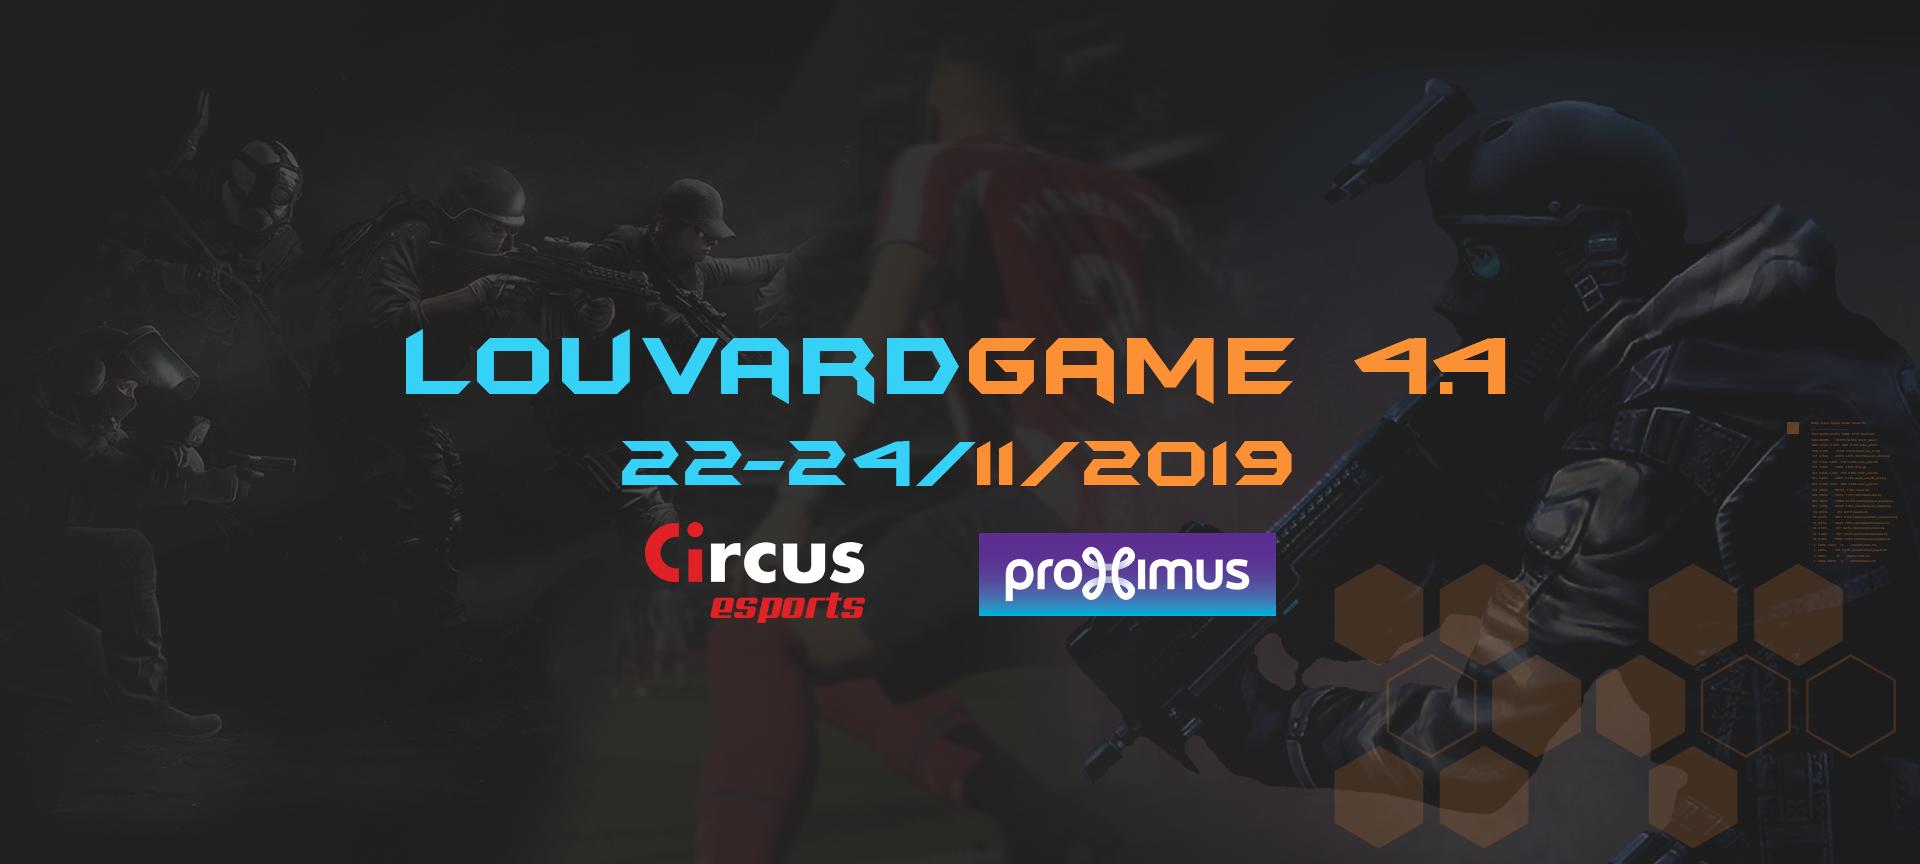 LouvardGame 4.4 - 22-24/11/2019